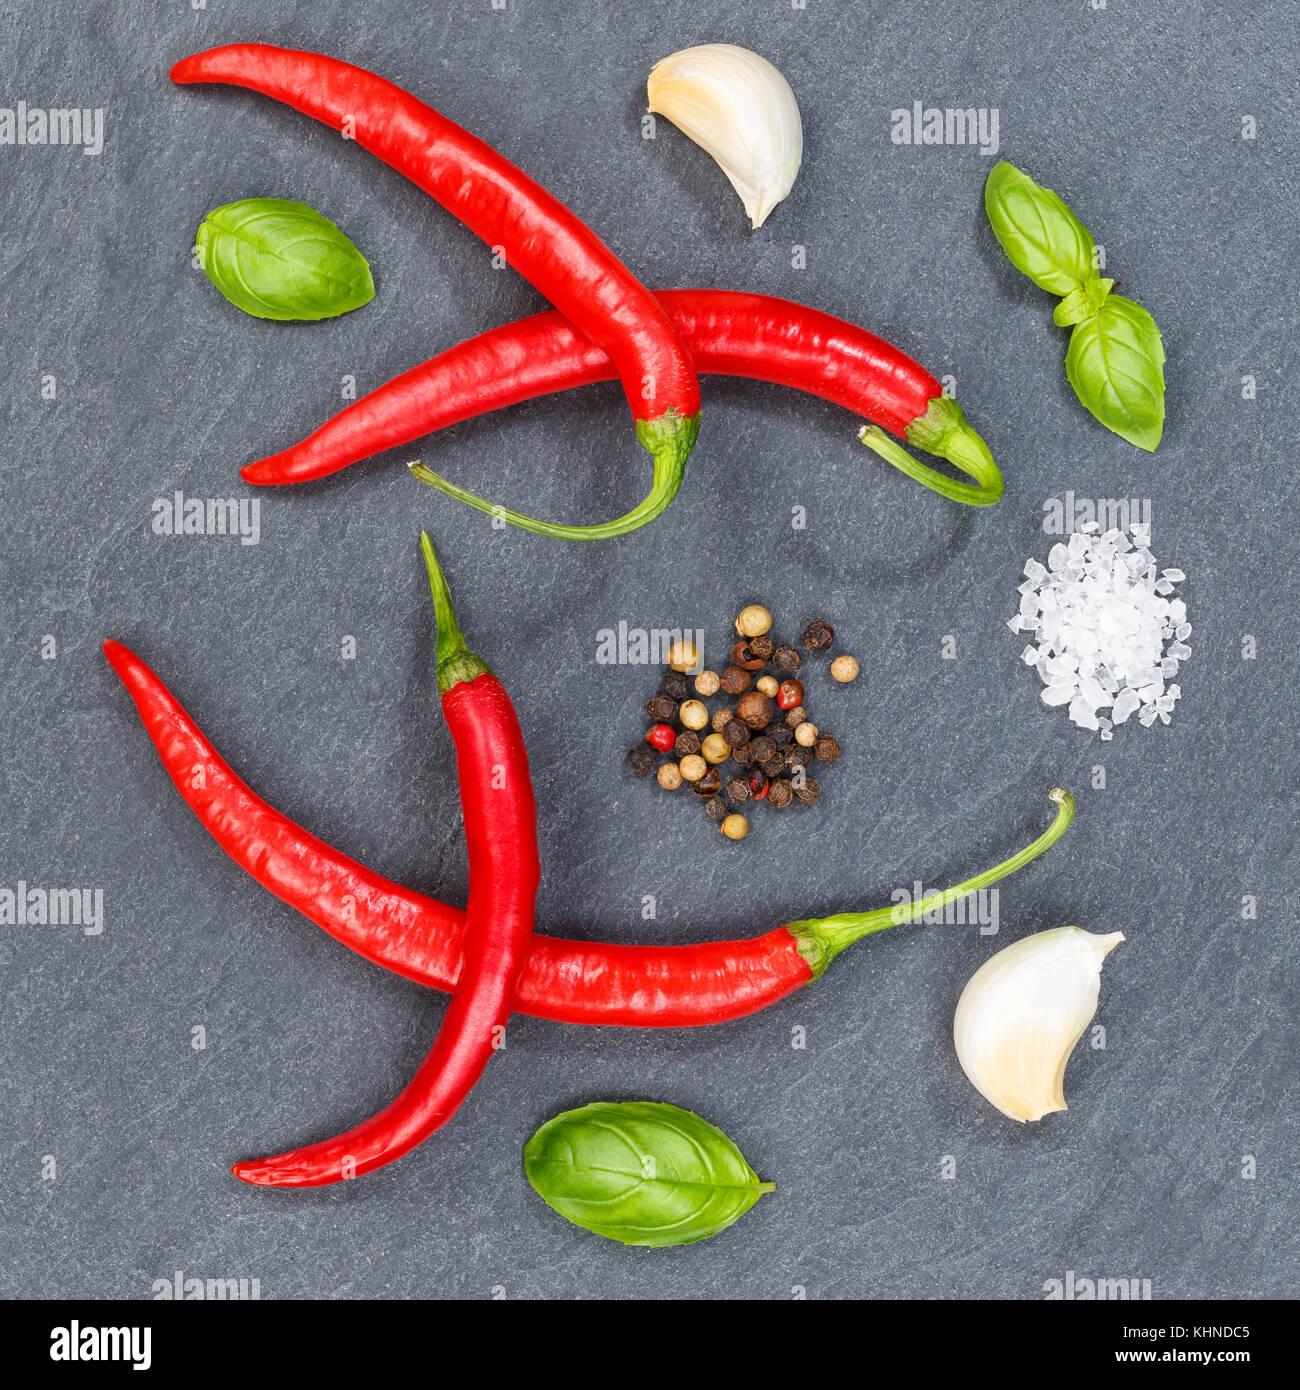 Red Hot Chili Peppers ingrédients de cuisine chili fond ardoise carré vue d'en haut au-dessus Photo Stock